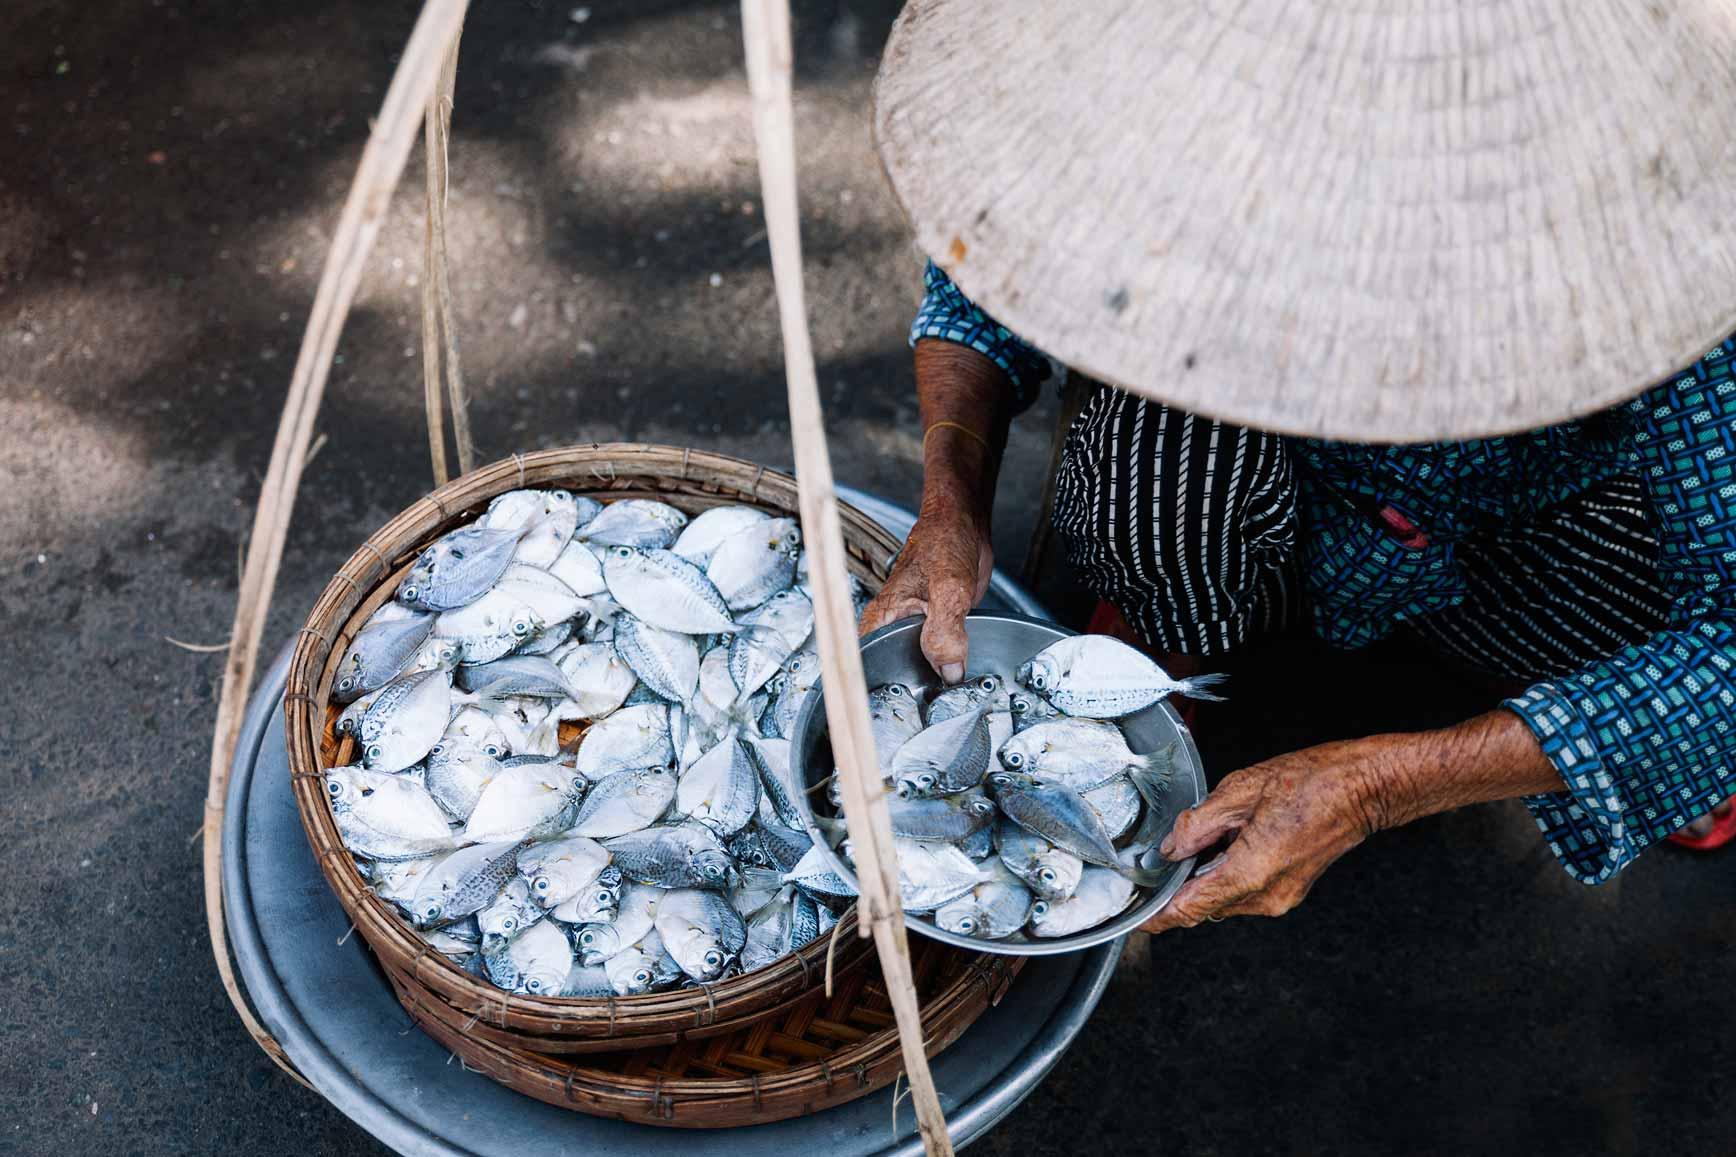 Vietnam_claraBmartin